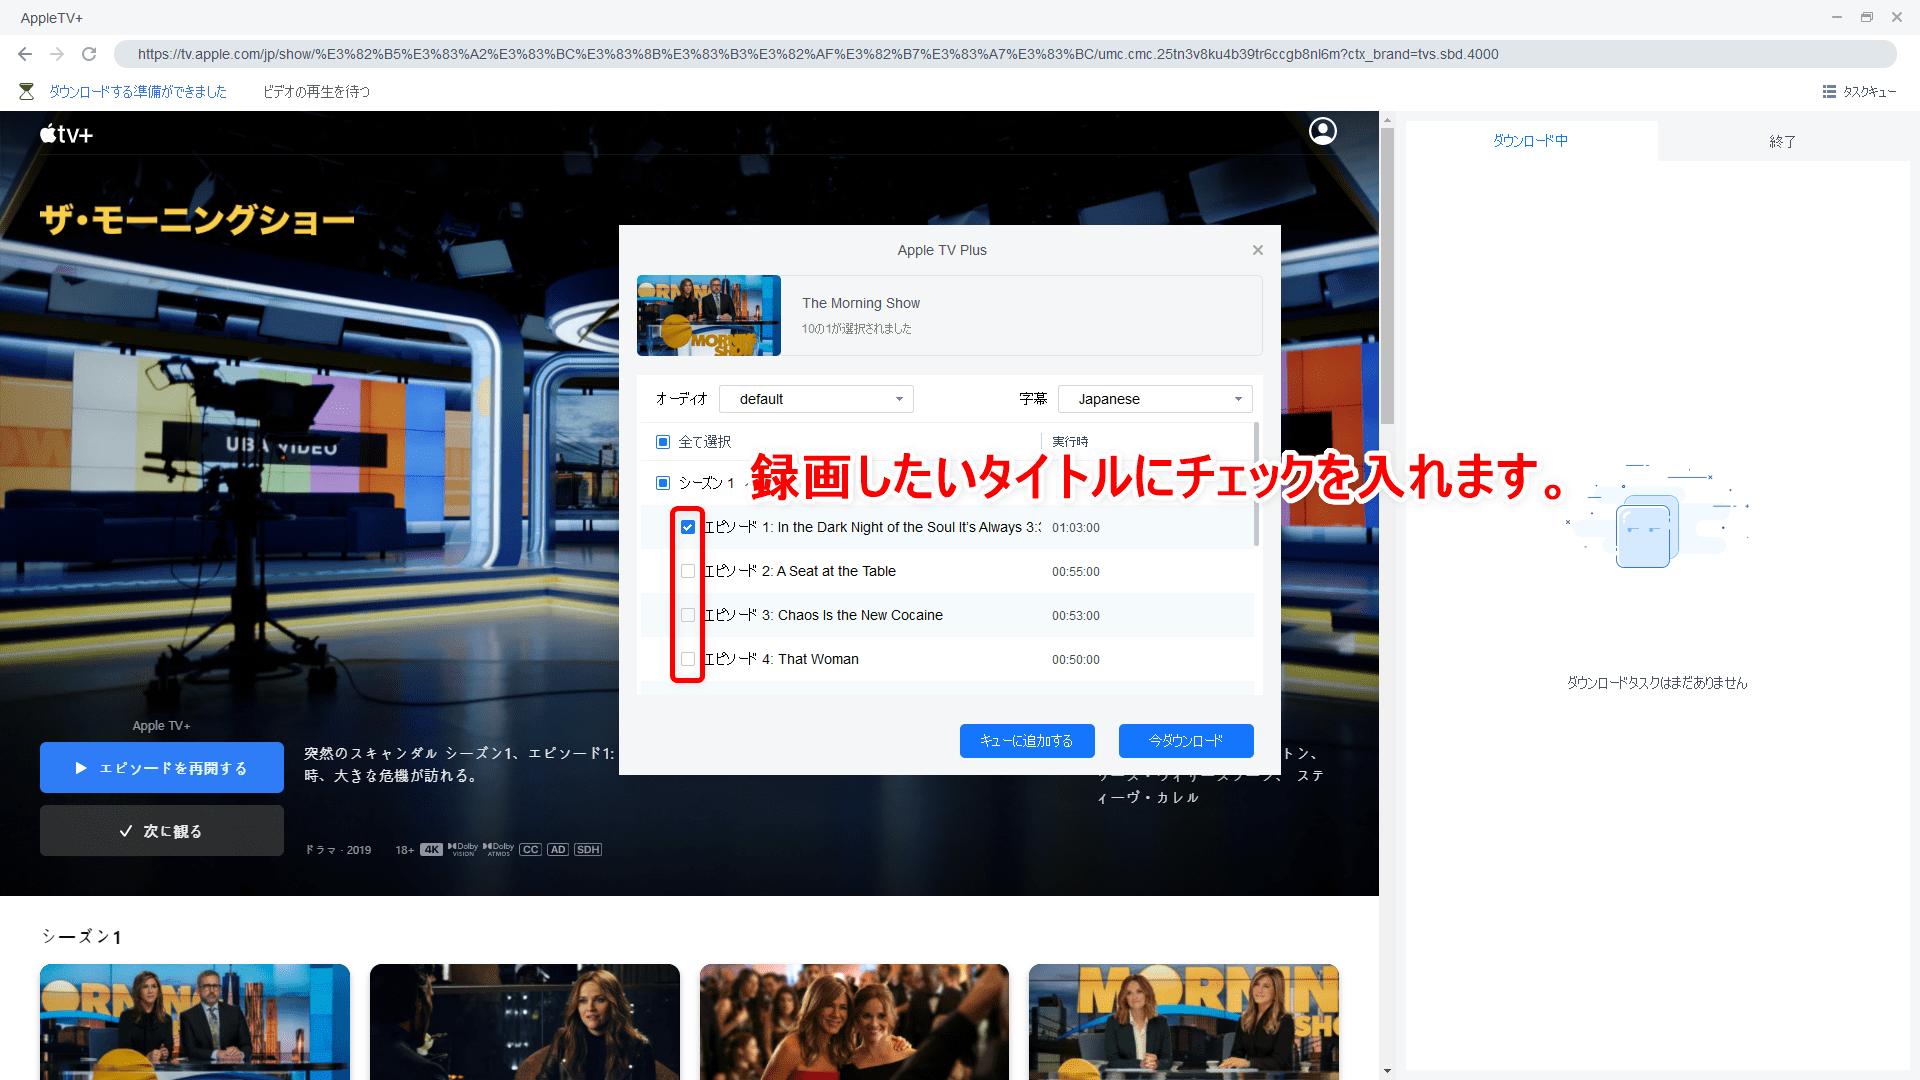 【AppleTVプラス録画方法】AppleTVプラス動画は録画できる!!アップルTV+を画面録画する裏ワザ|あらゆる作品をスマホ・タブレットでオフライン再生!|録画方法:すると自動的に録画する動画コンテンツを選択できる画面が表示されるので、録画したいコンテンツを選択しましょう。 選択したのち、今すぐダウンロードしたい場合は「今ダウンロード」、他の動画作品も選択してまとめてダウンロードしたい場合は「キューに追加する」をクリックします。